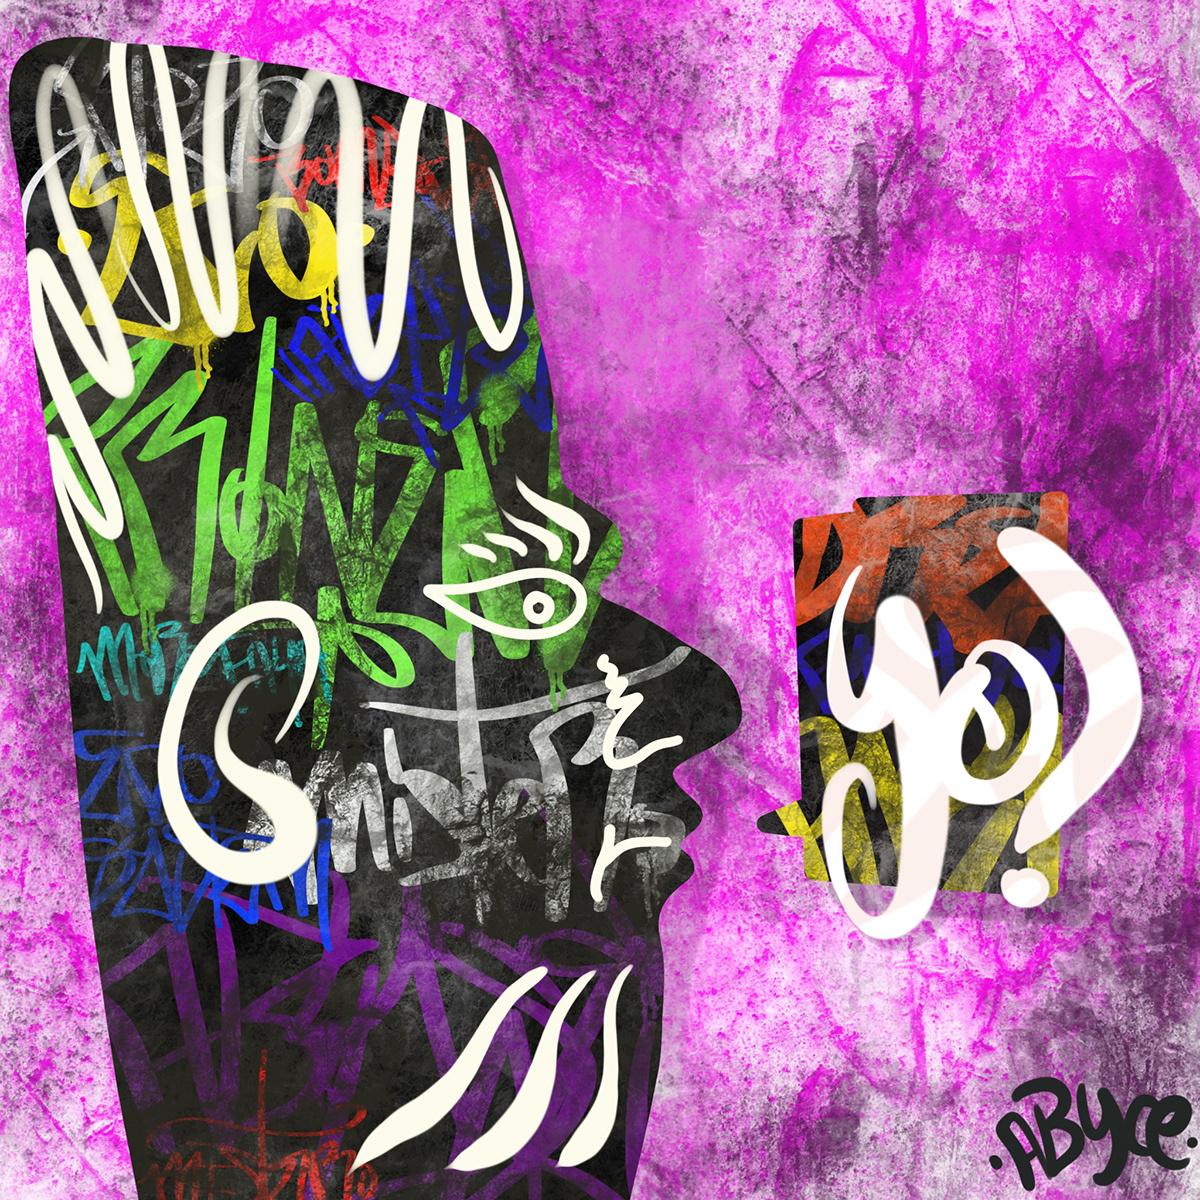 Image may contain: drawing, cartoon and graffiti